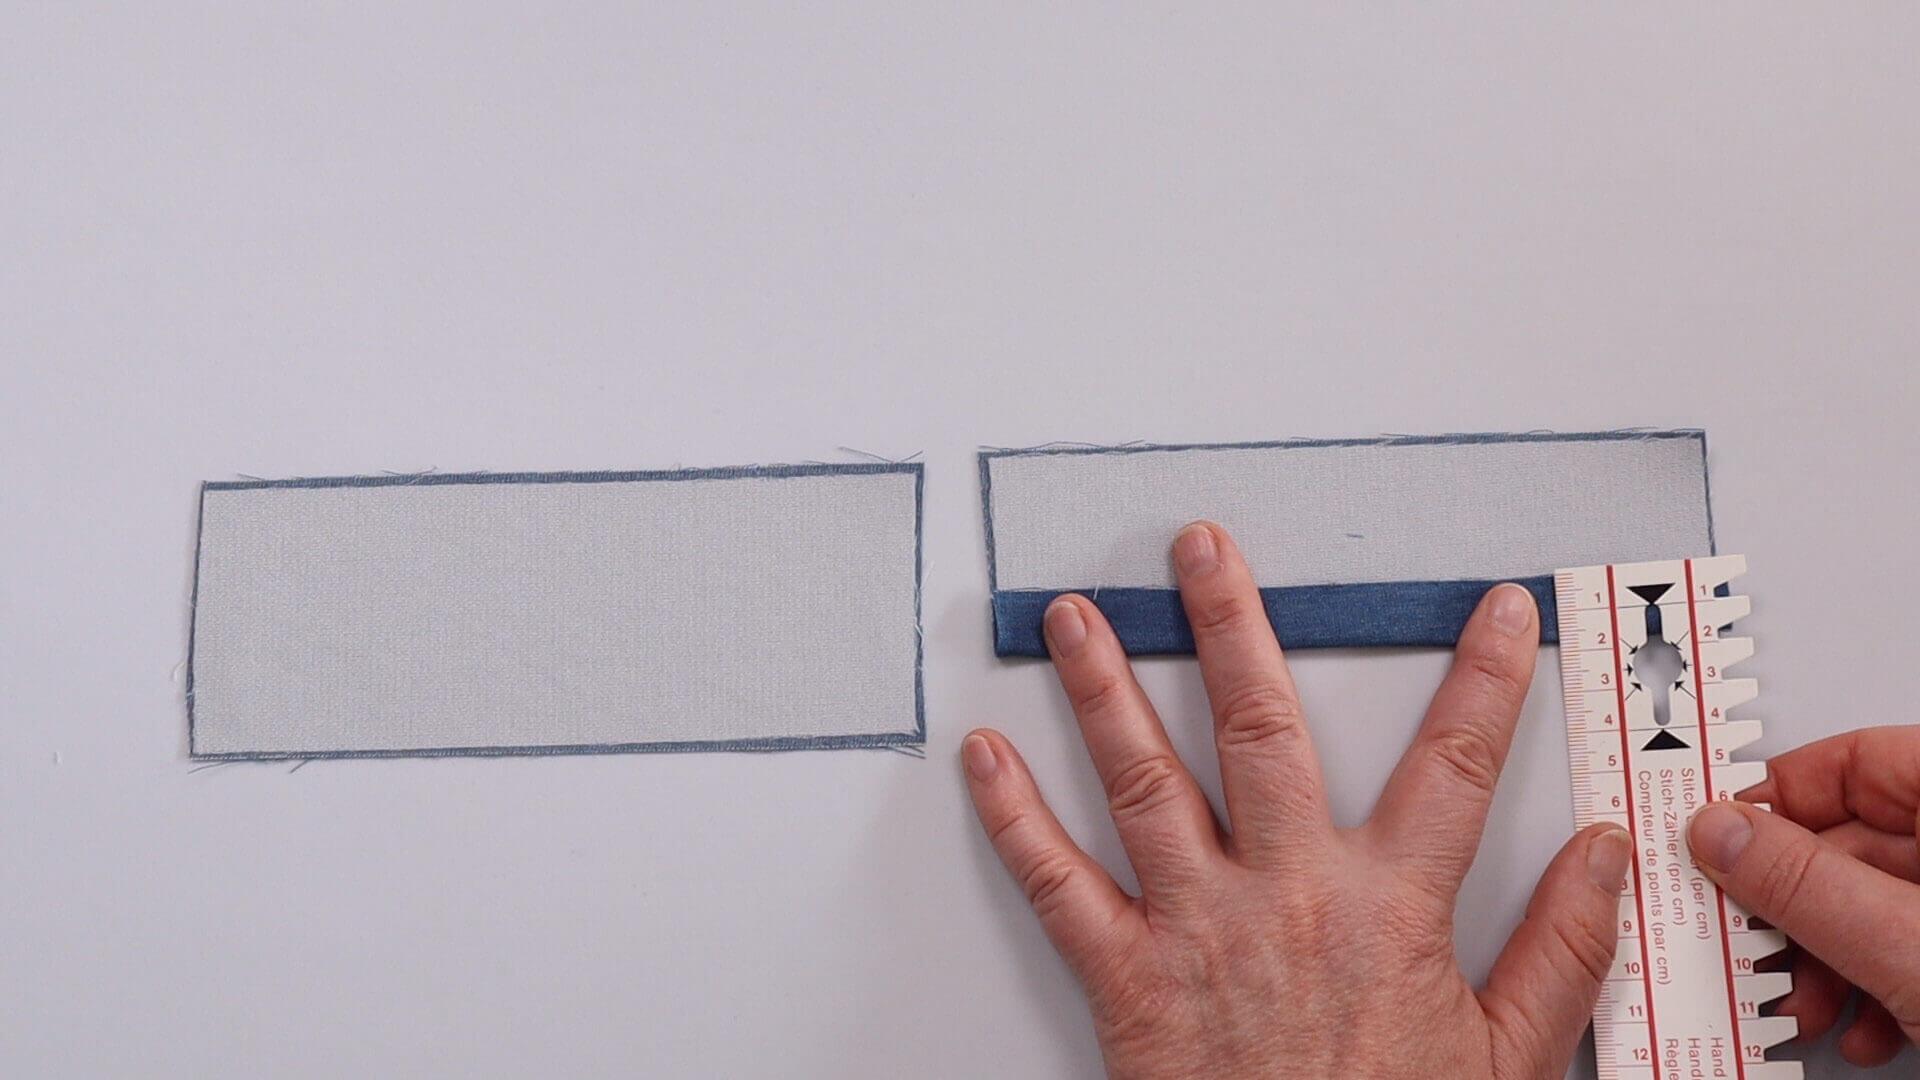 Hosentasche selber nähen-Taschenpaspel fixieren und umbügeln